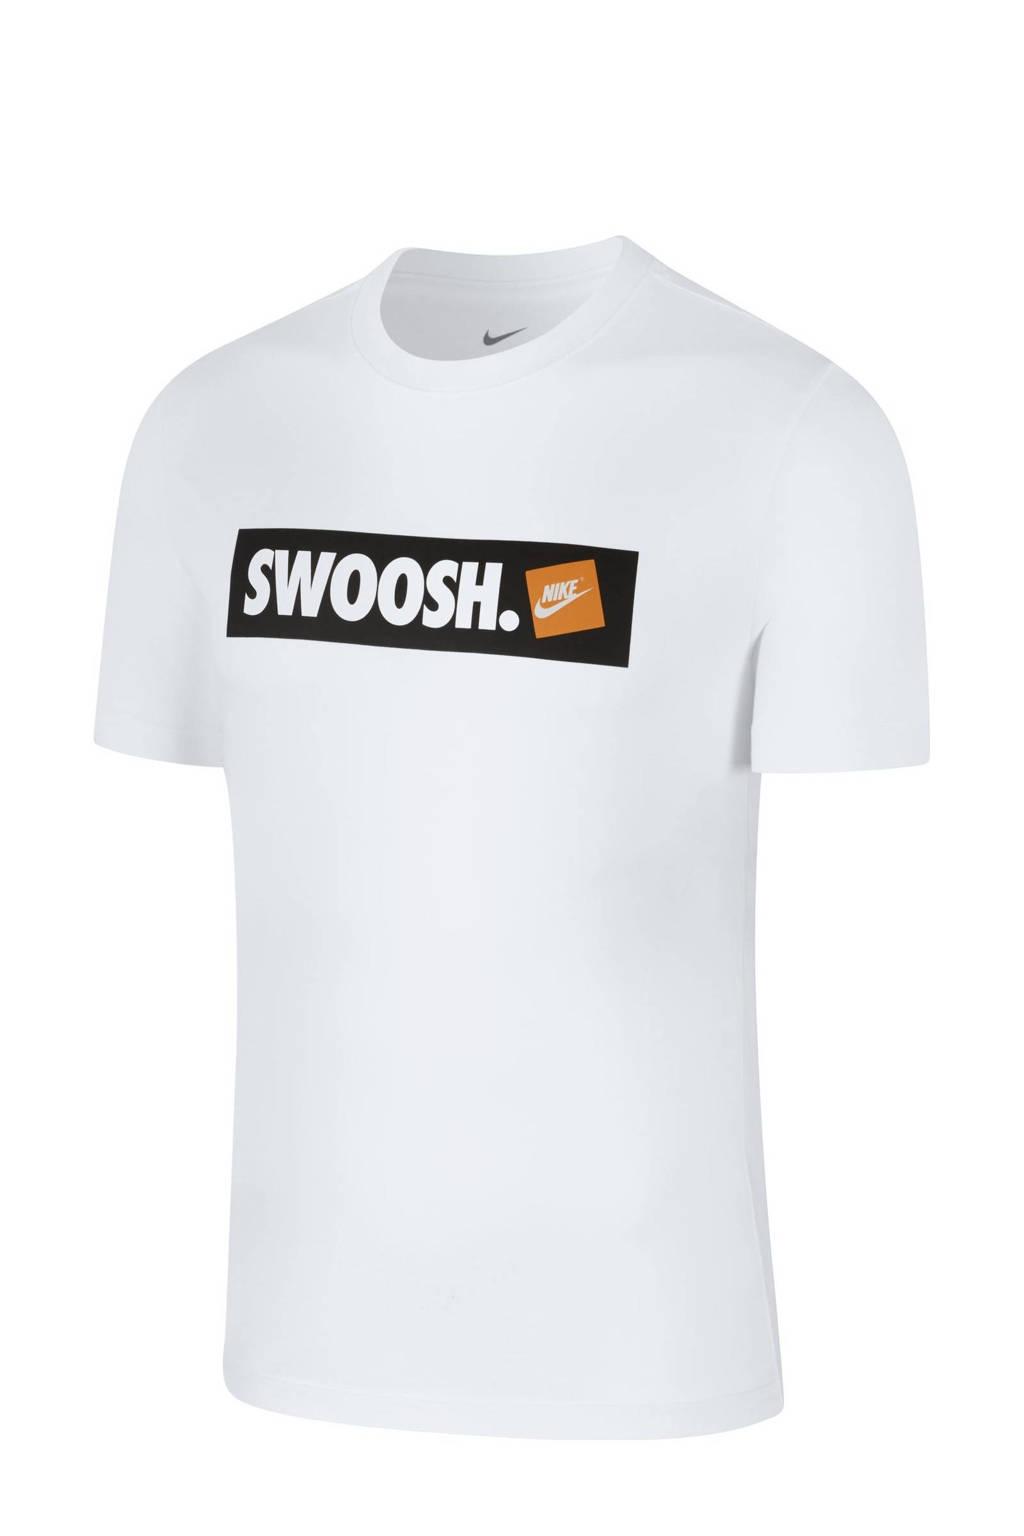 Nike   T-shirt met printopdruk wit, Wit